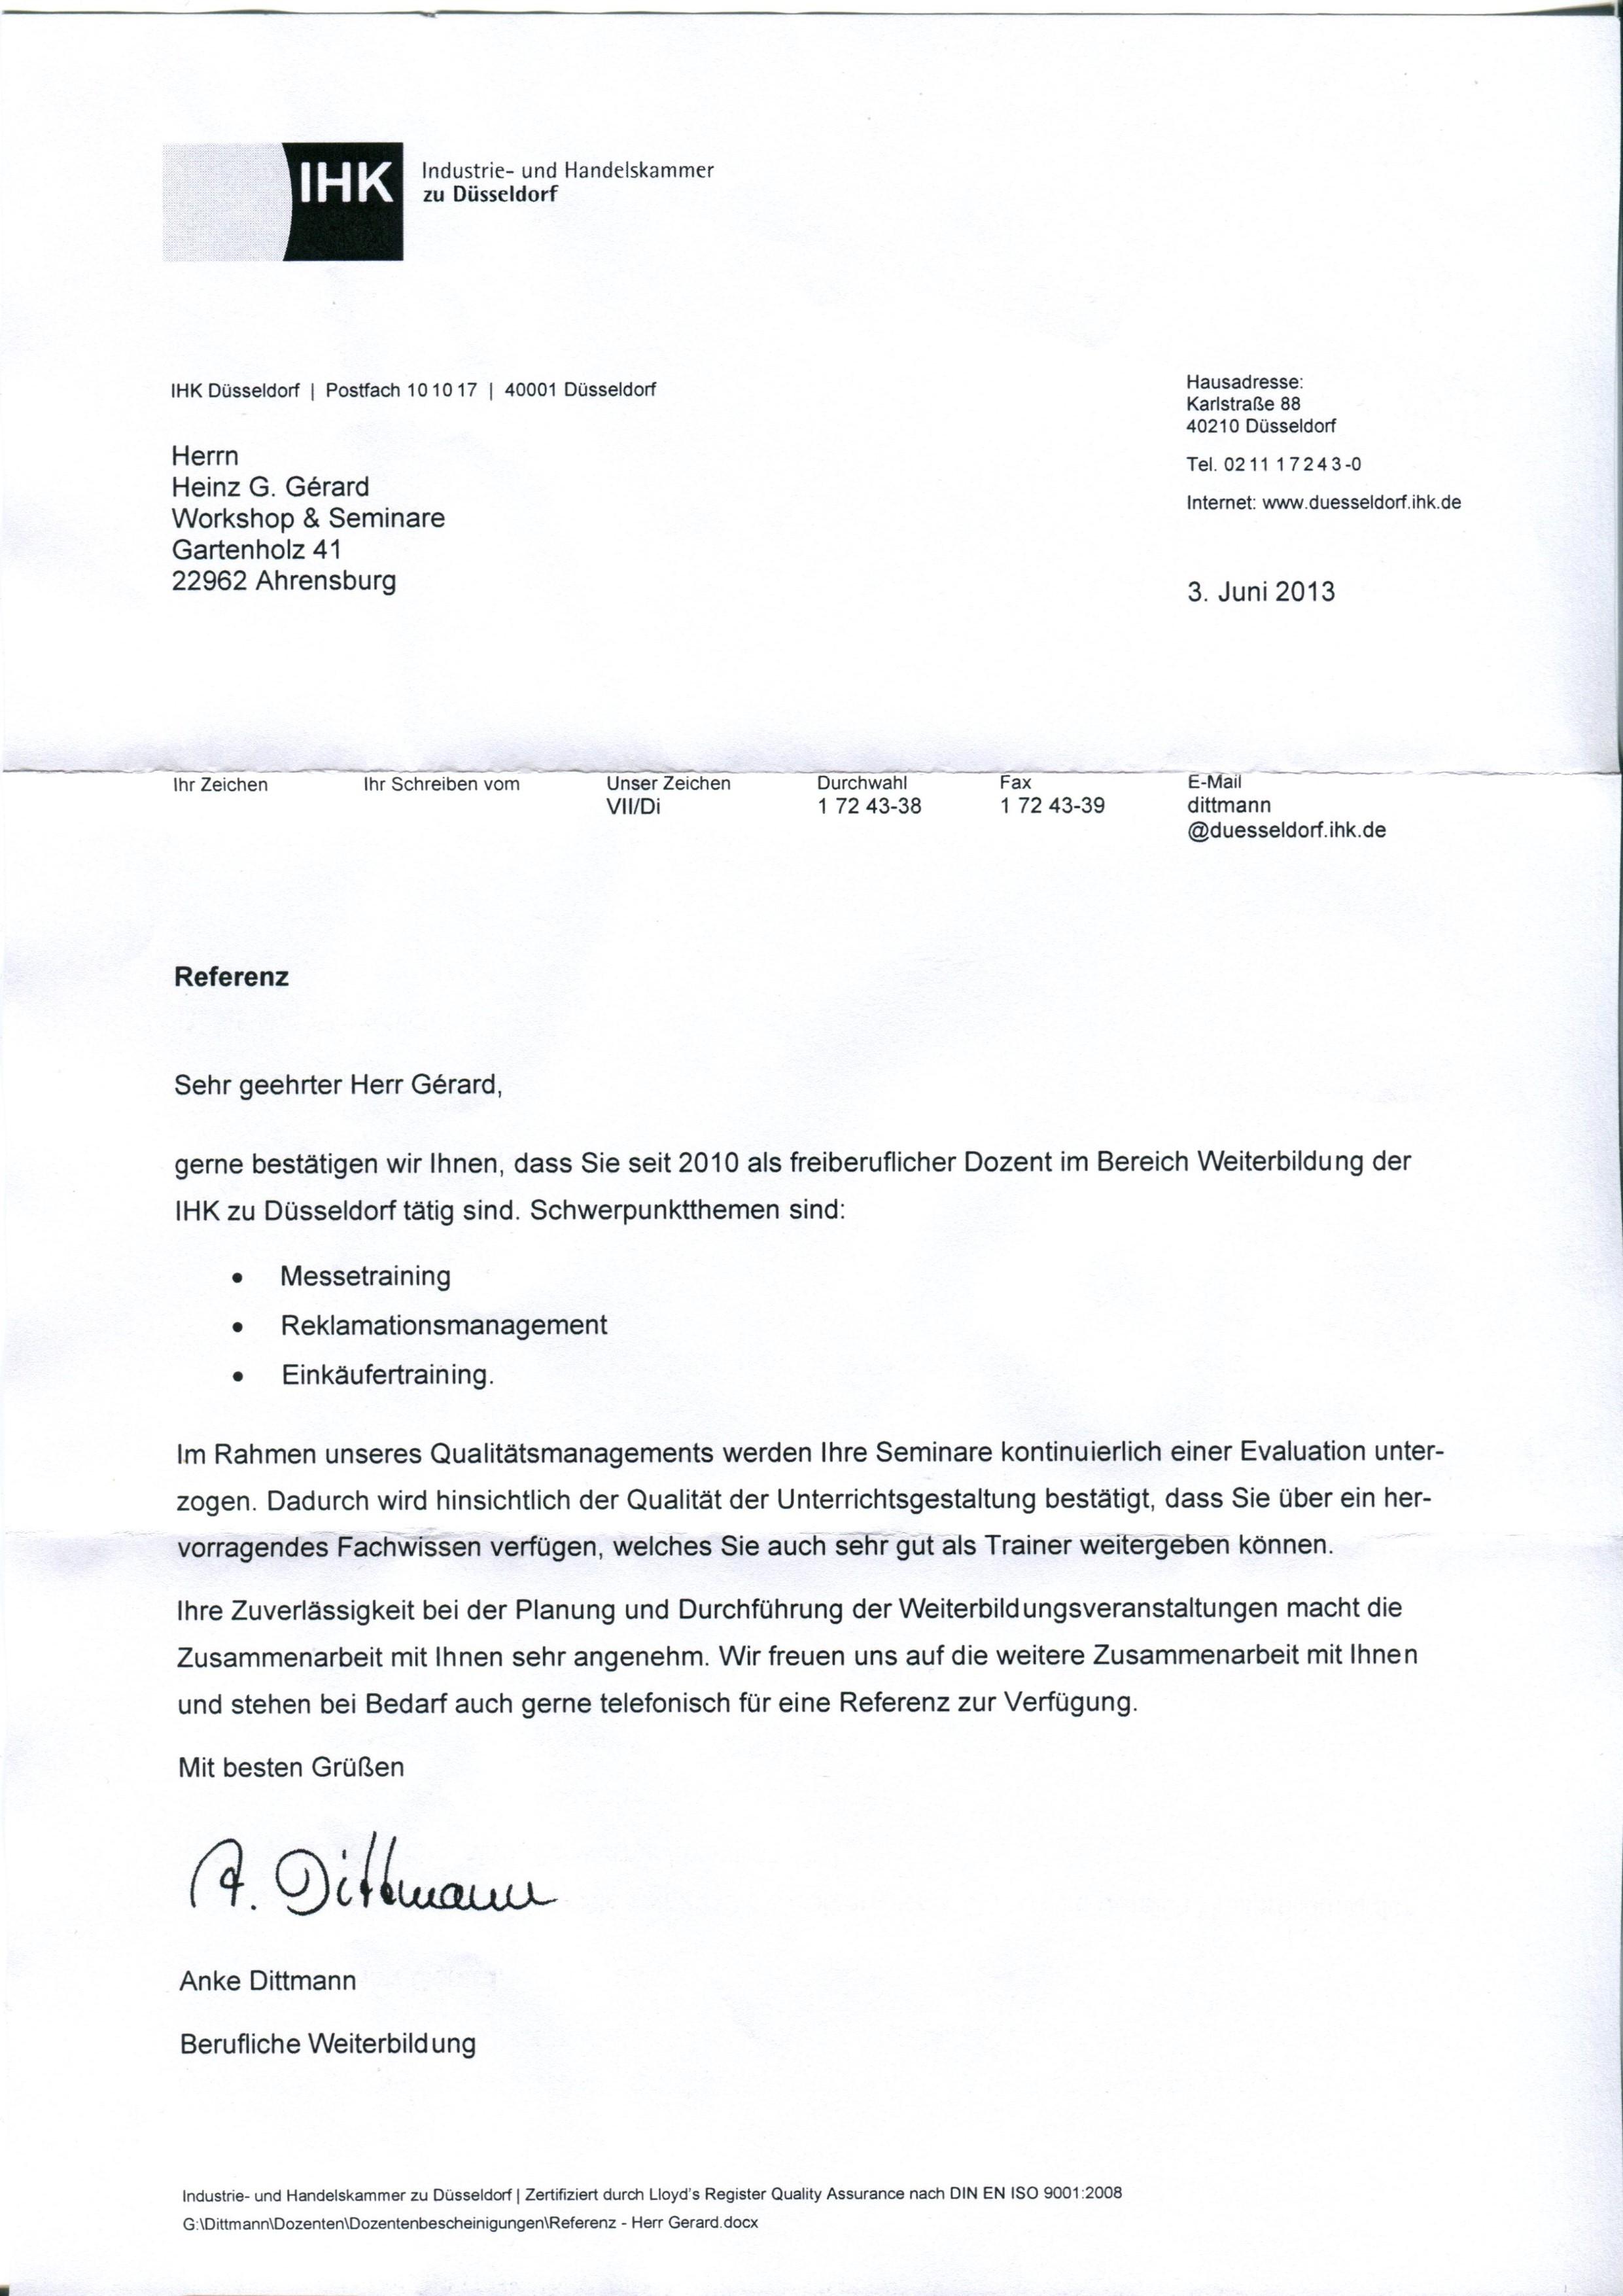 Nett Empfehlungsschreiben Vorlagen Ideen - FORTSETZUNG ARBEITSBLATT ...